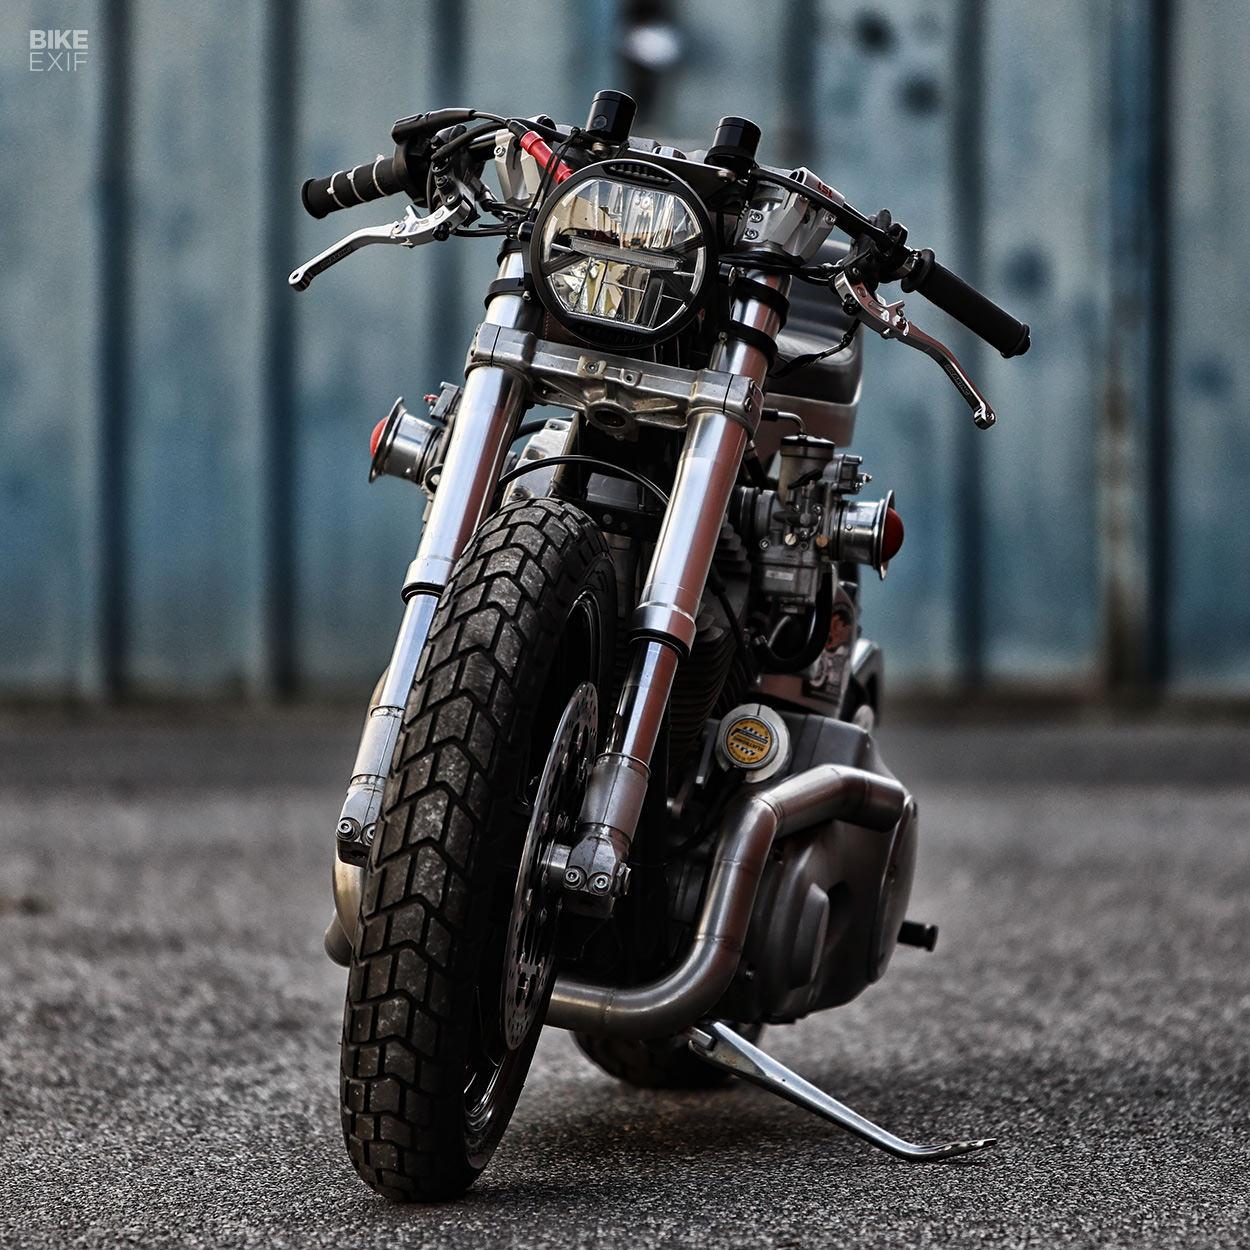 Harley-Davidson Softail sprint bike by BG-Garage Custom